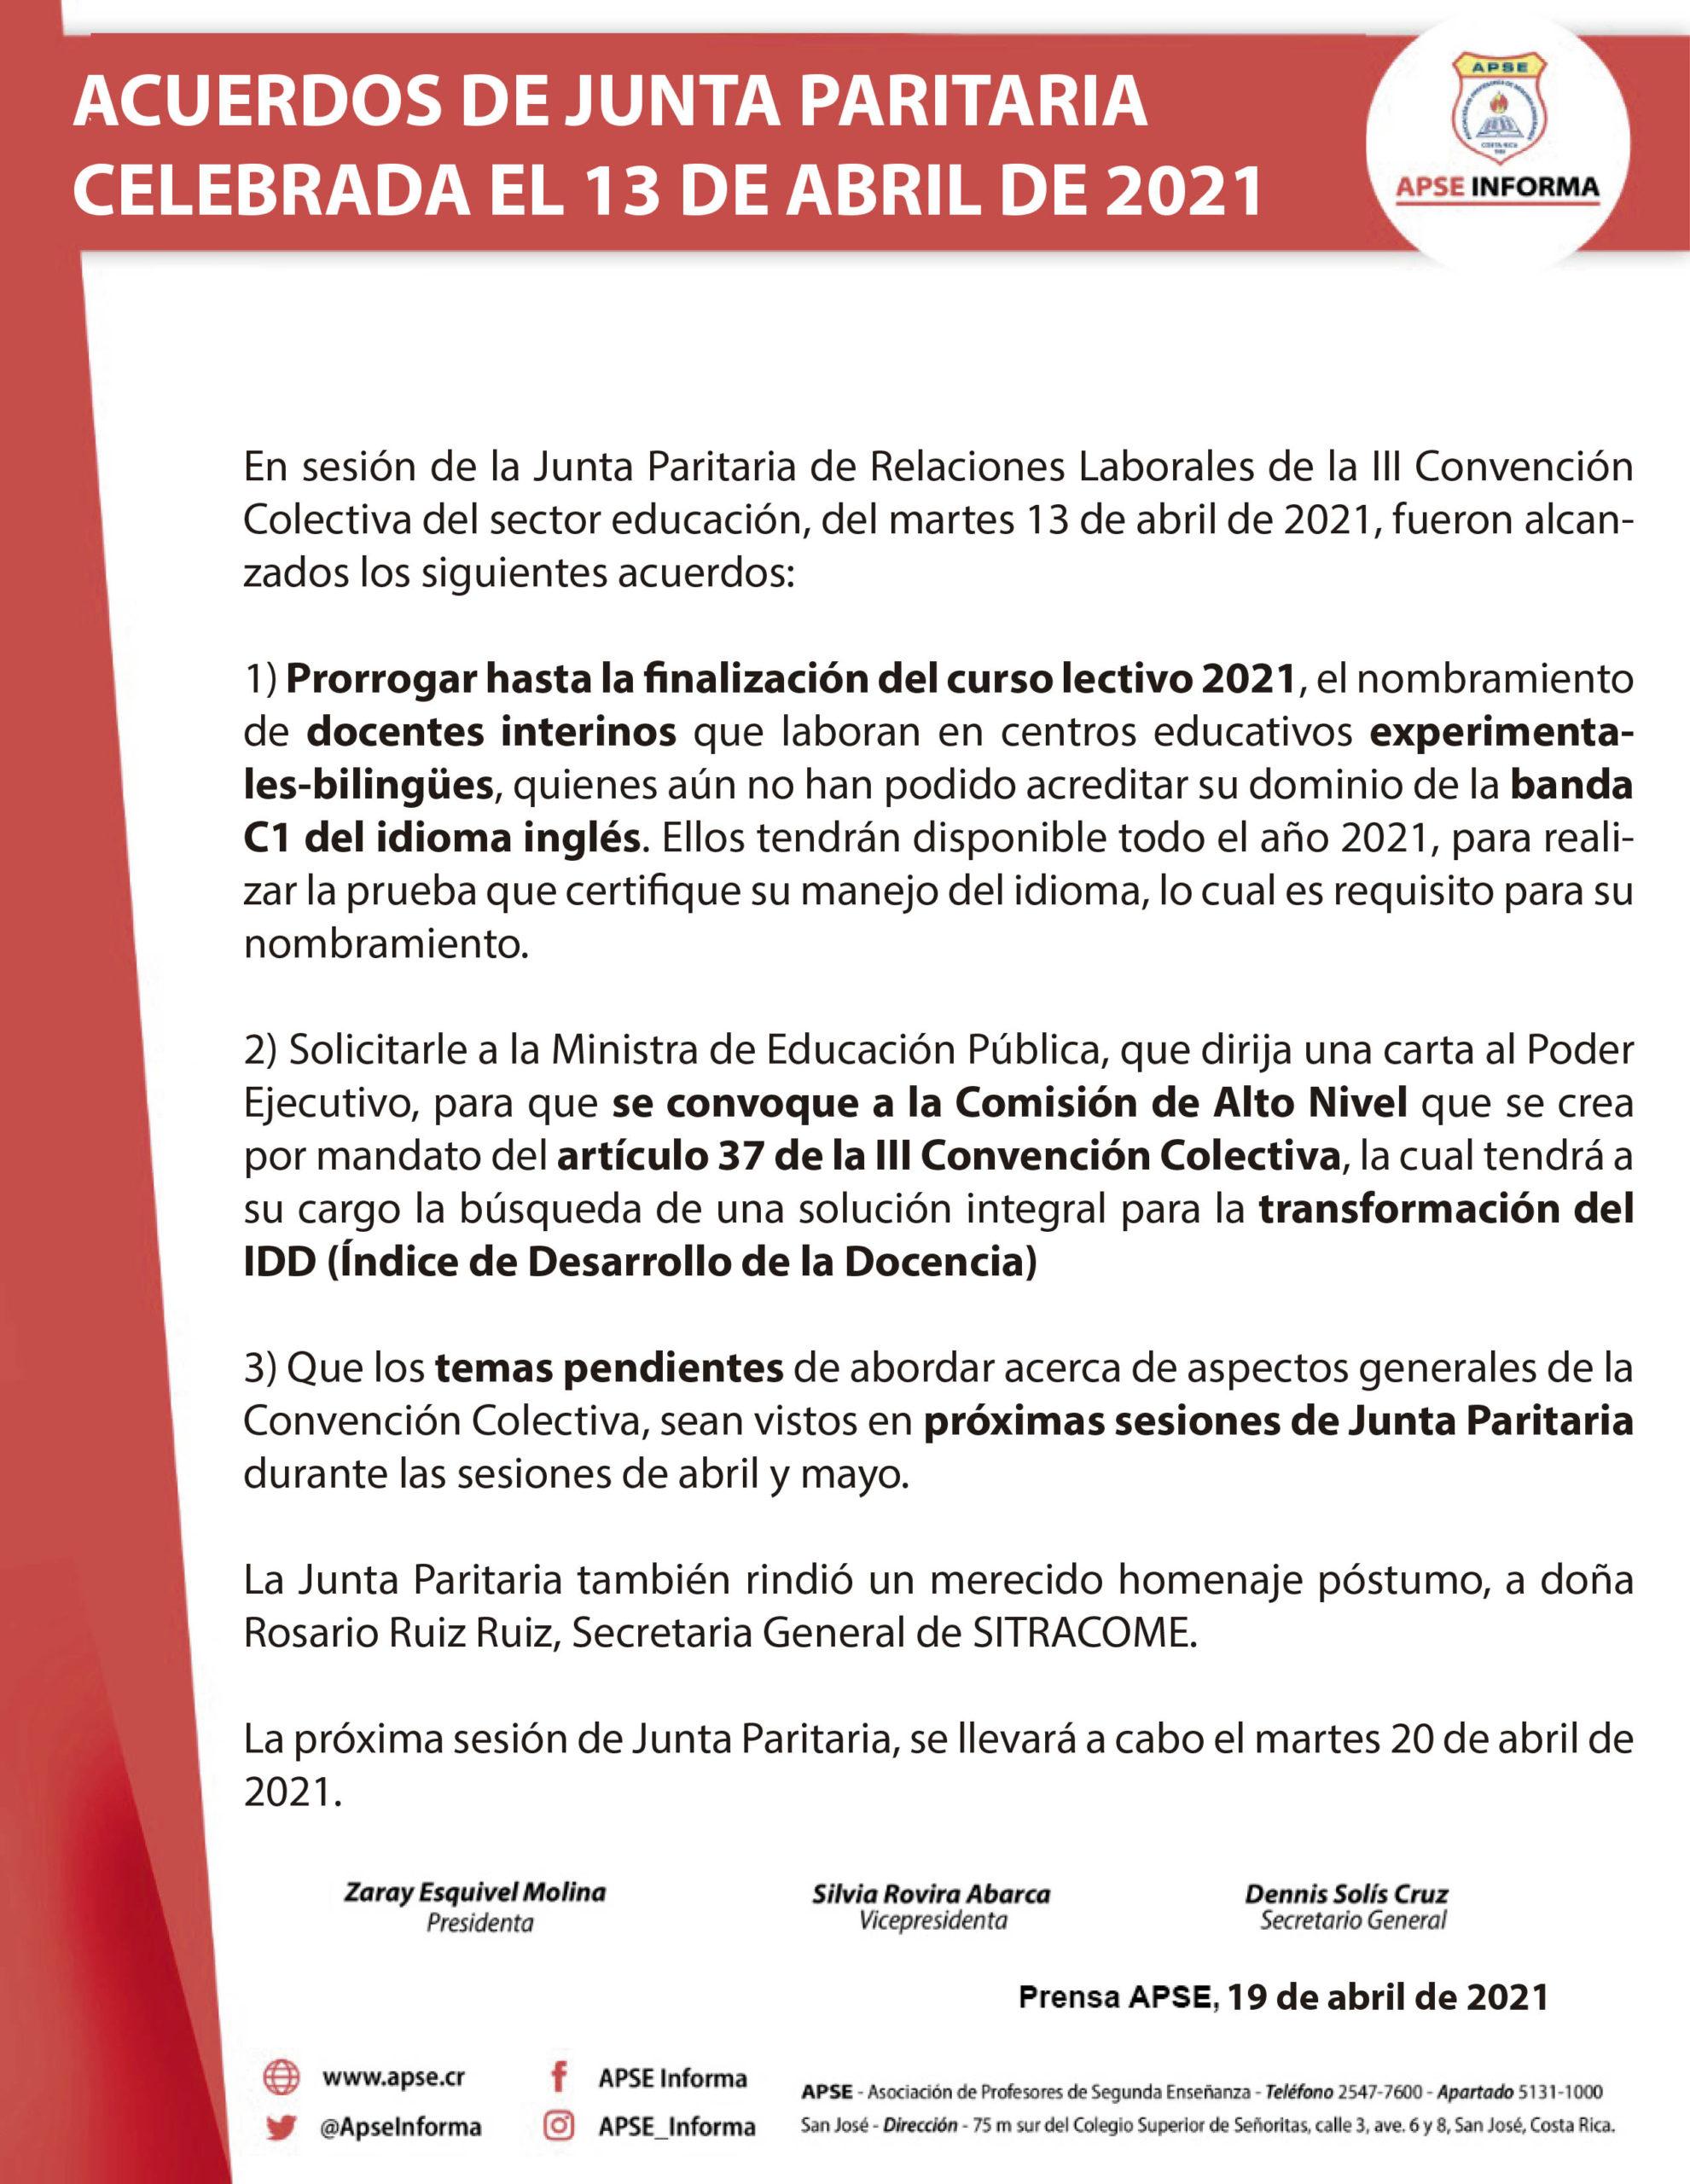 ACUERDOS DE JUNTA PARITARIA CELEBRADA EL 13 DE ABRIL DE 2021